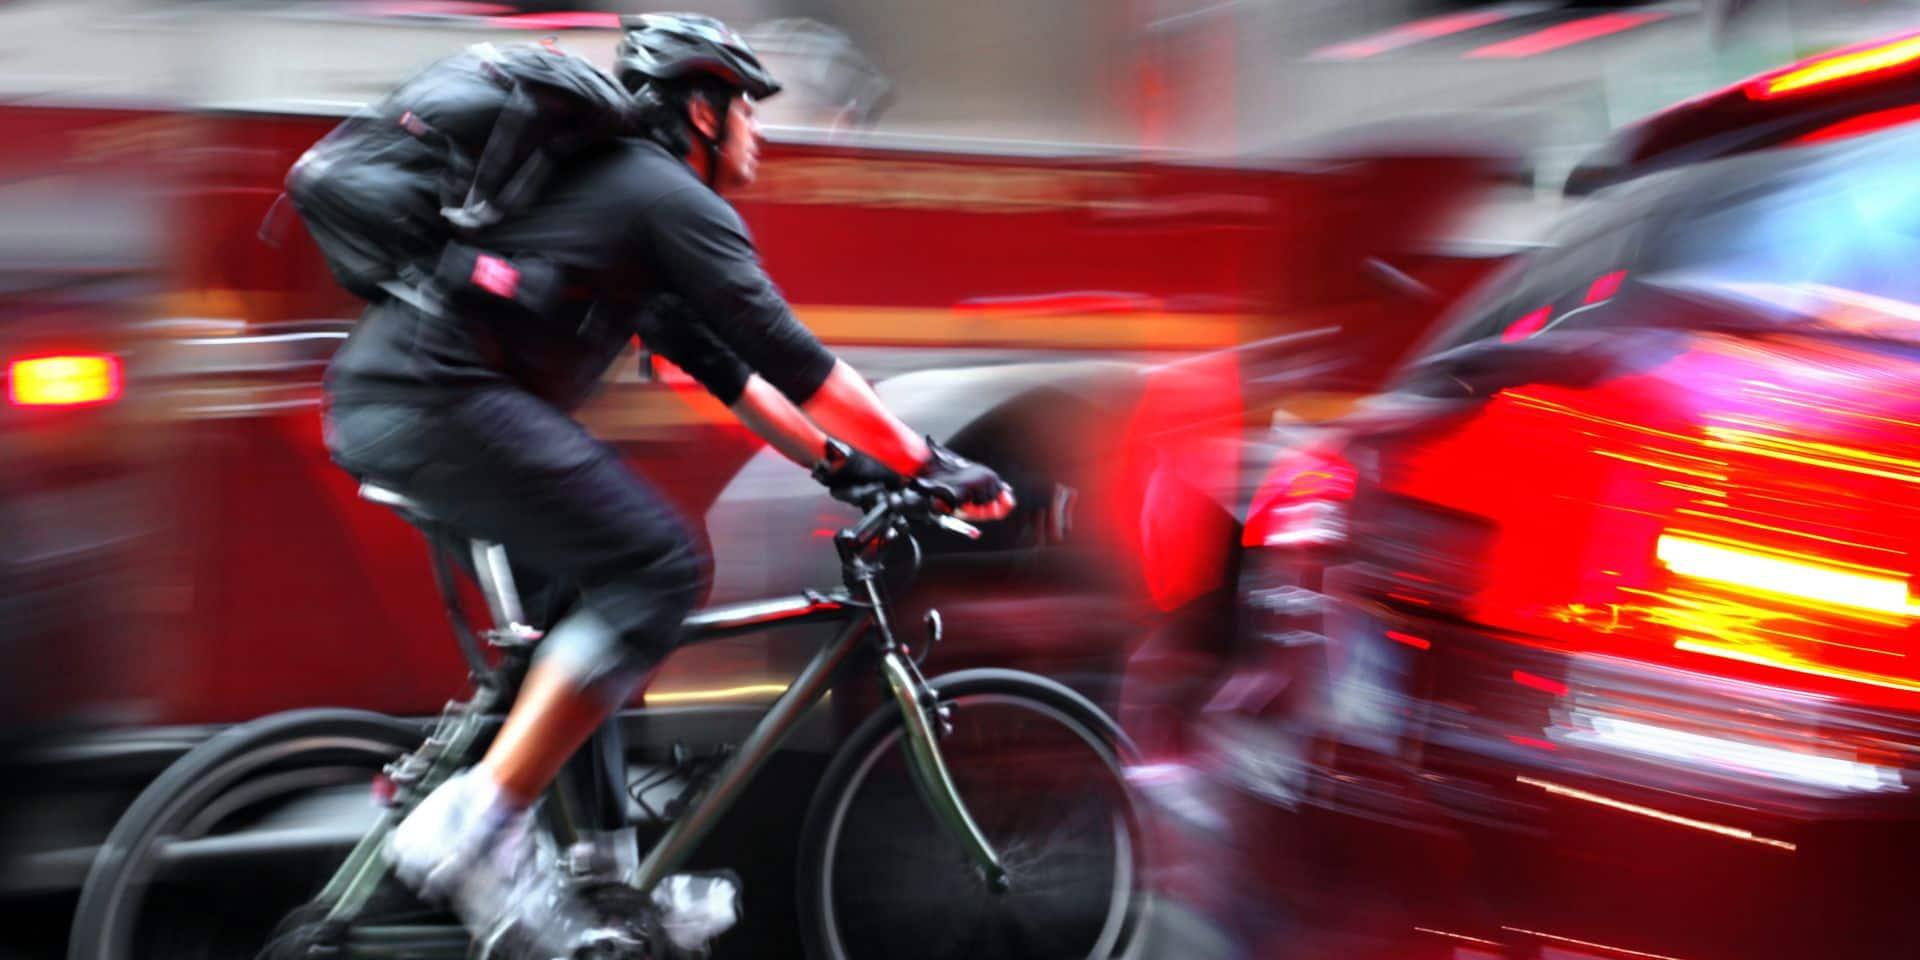 Dernière Humeur : la mobilité douce n'est pas sans risque